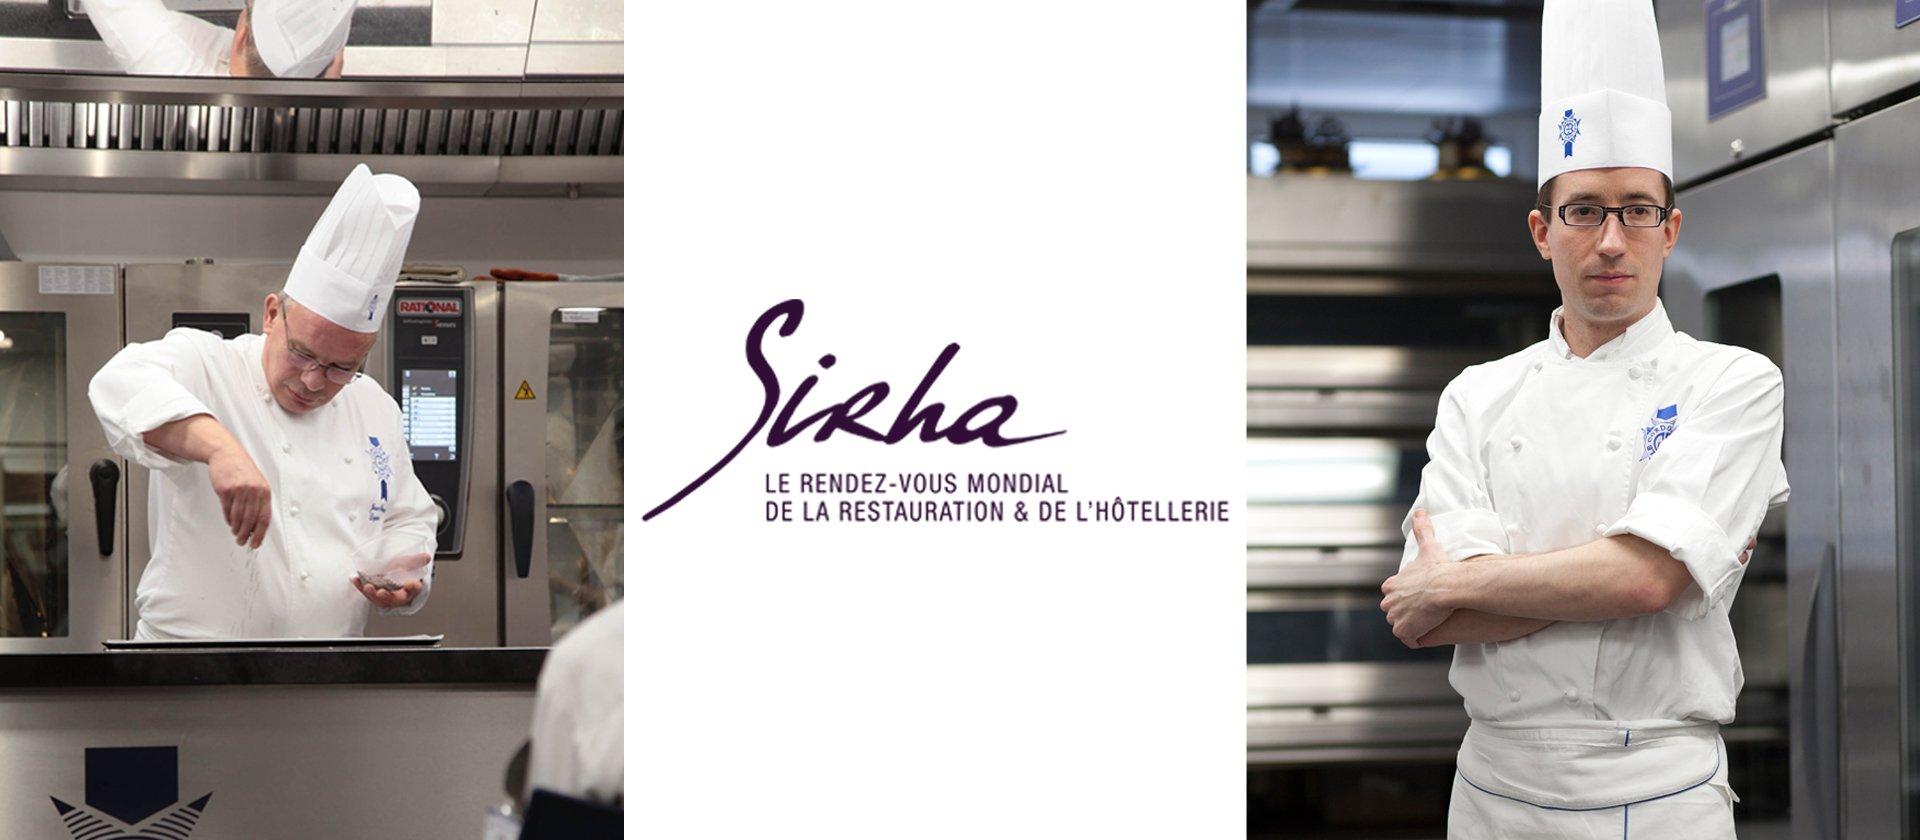 Le Cordon Bleu présent au SIRHA 2017